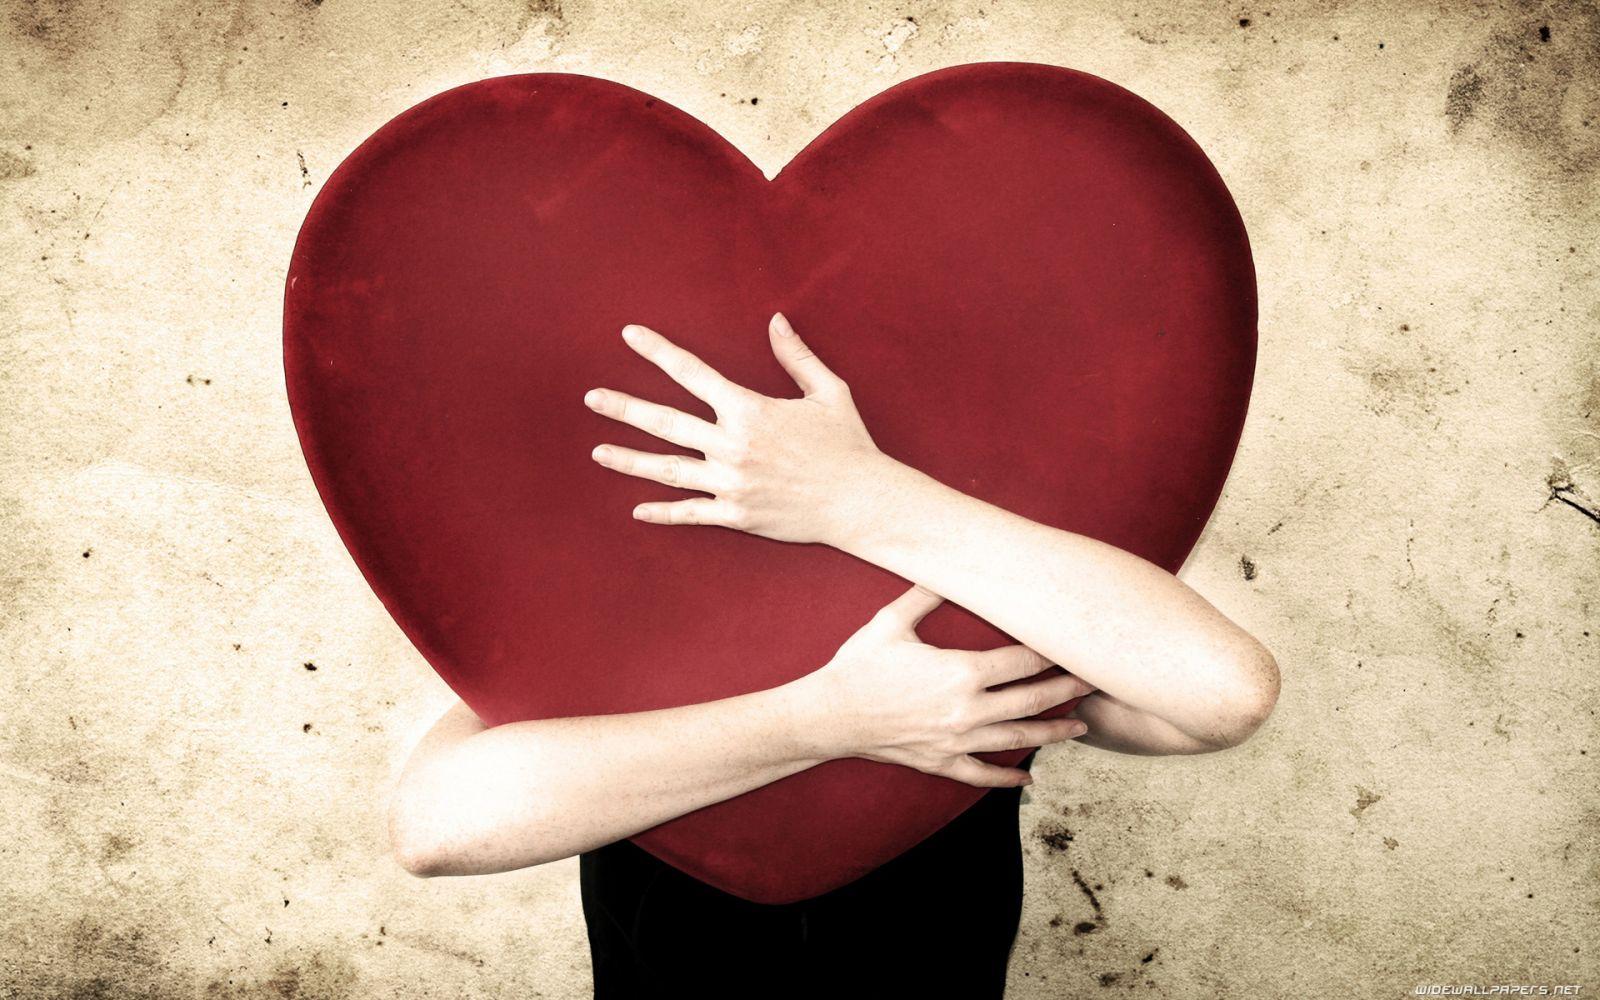 Yêu anh theo cách của riêng em là chỉ cần anh biết, trái tim em hiểu và tâm hồn em vui